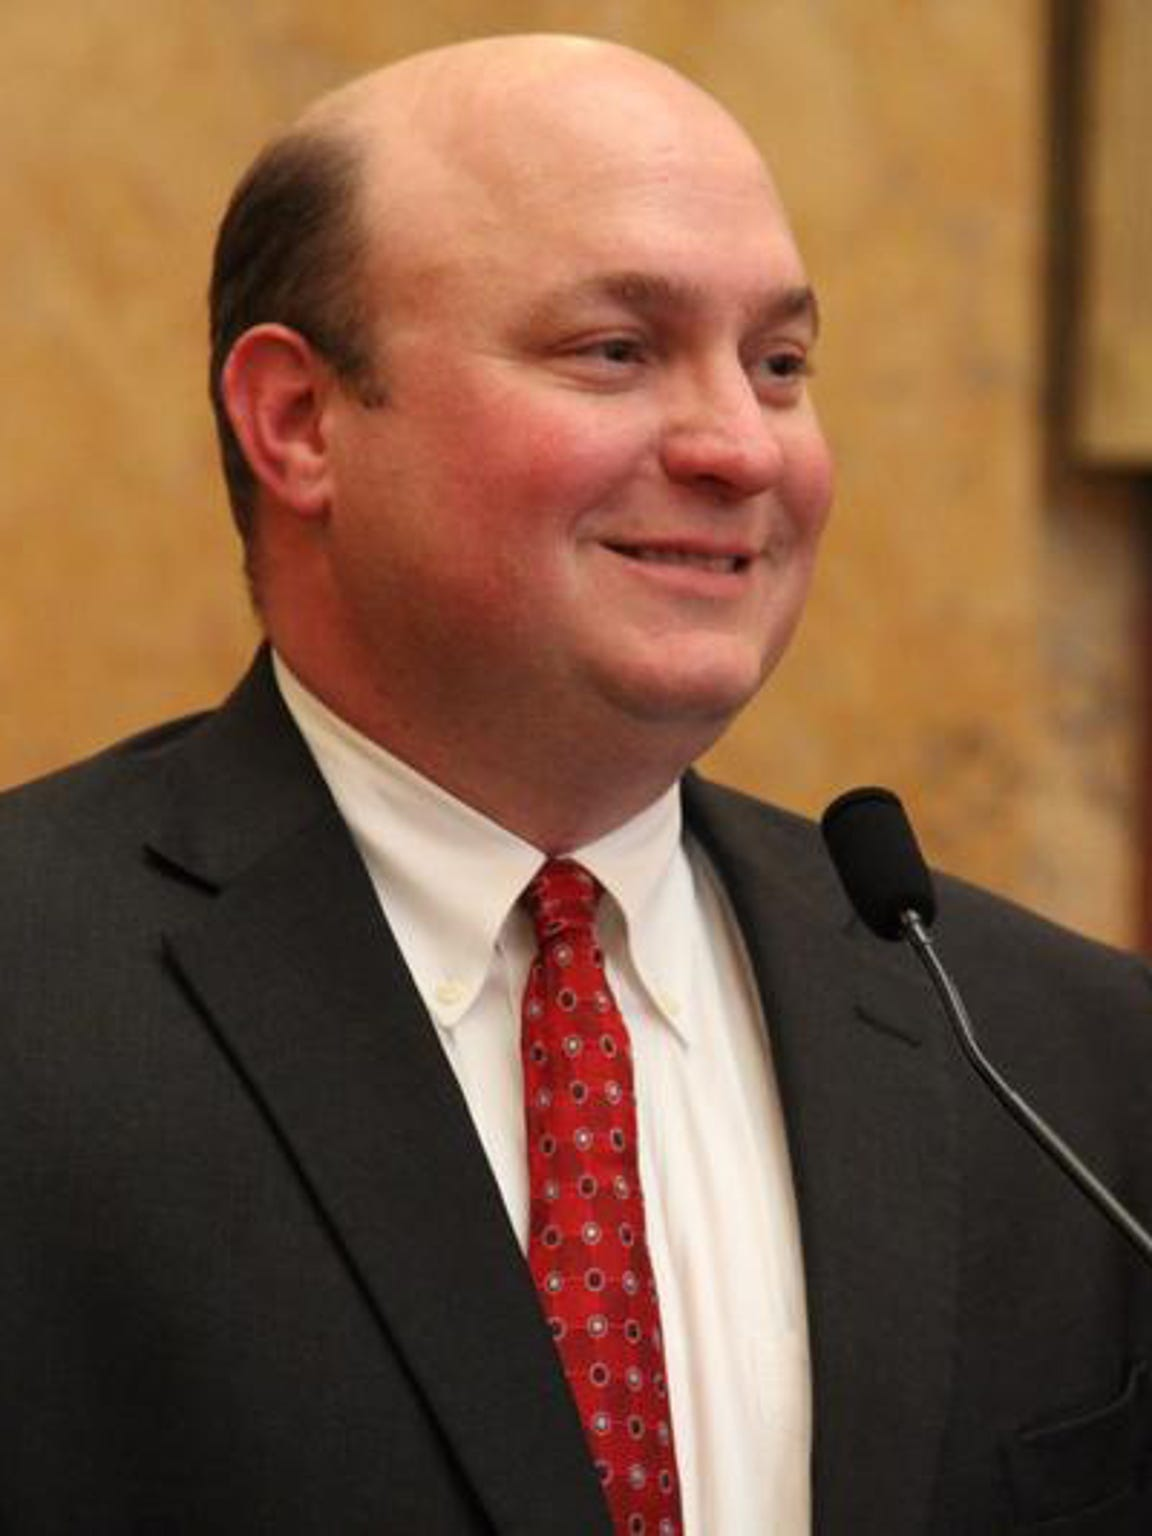 Brad Oberhousen